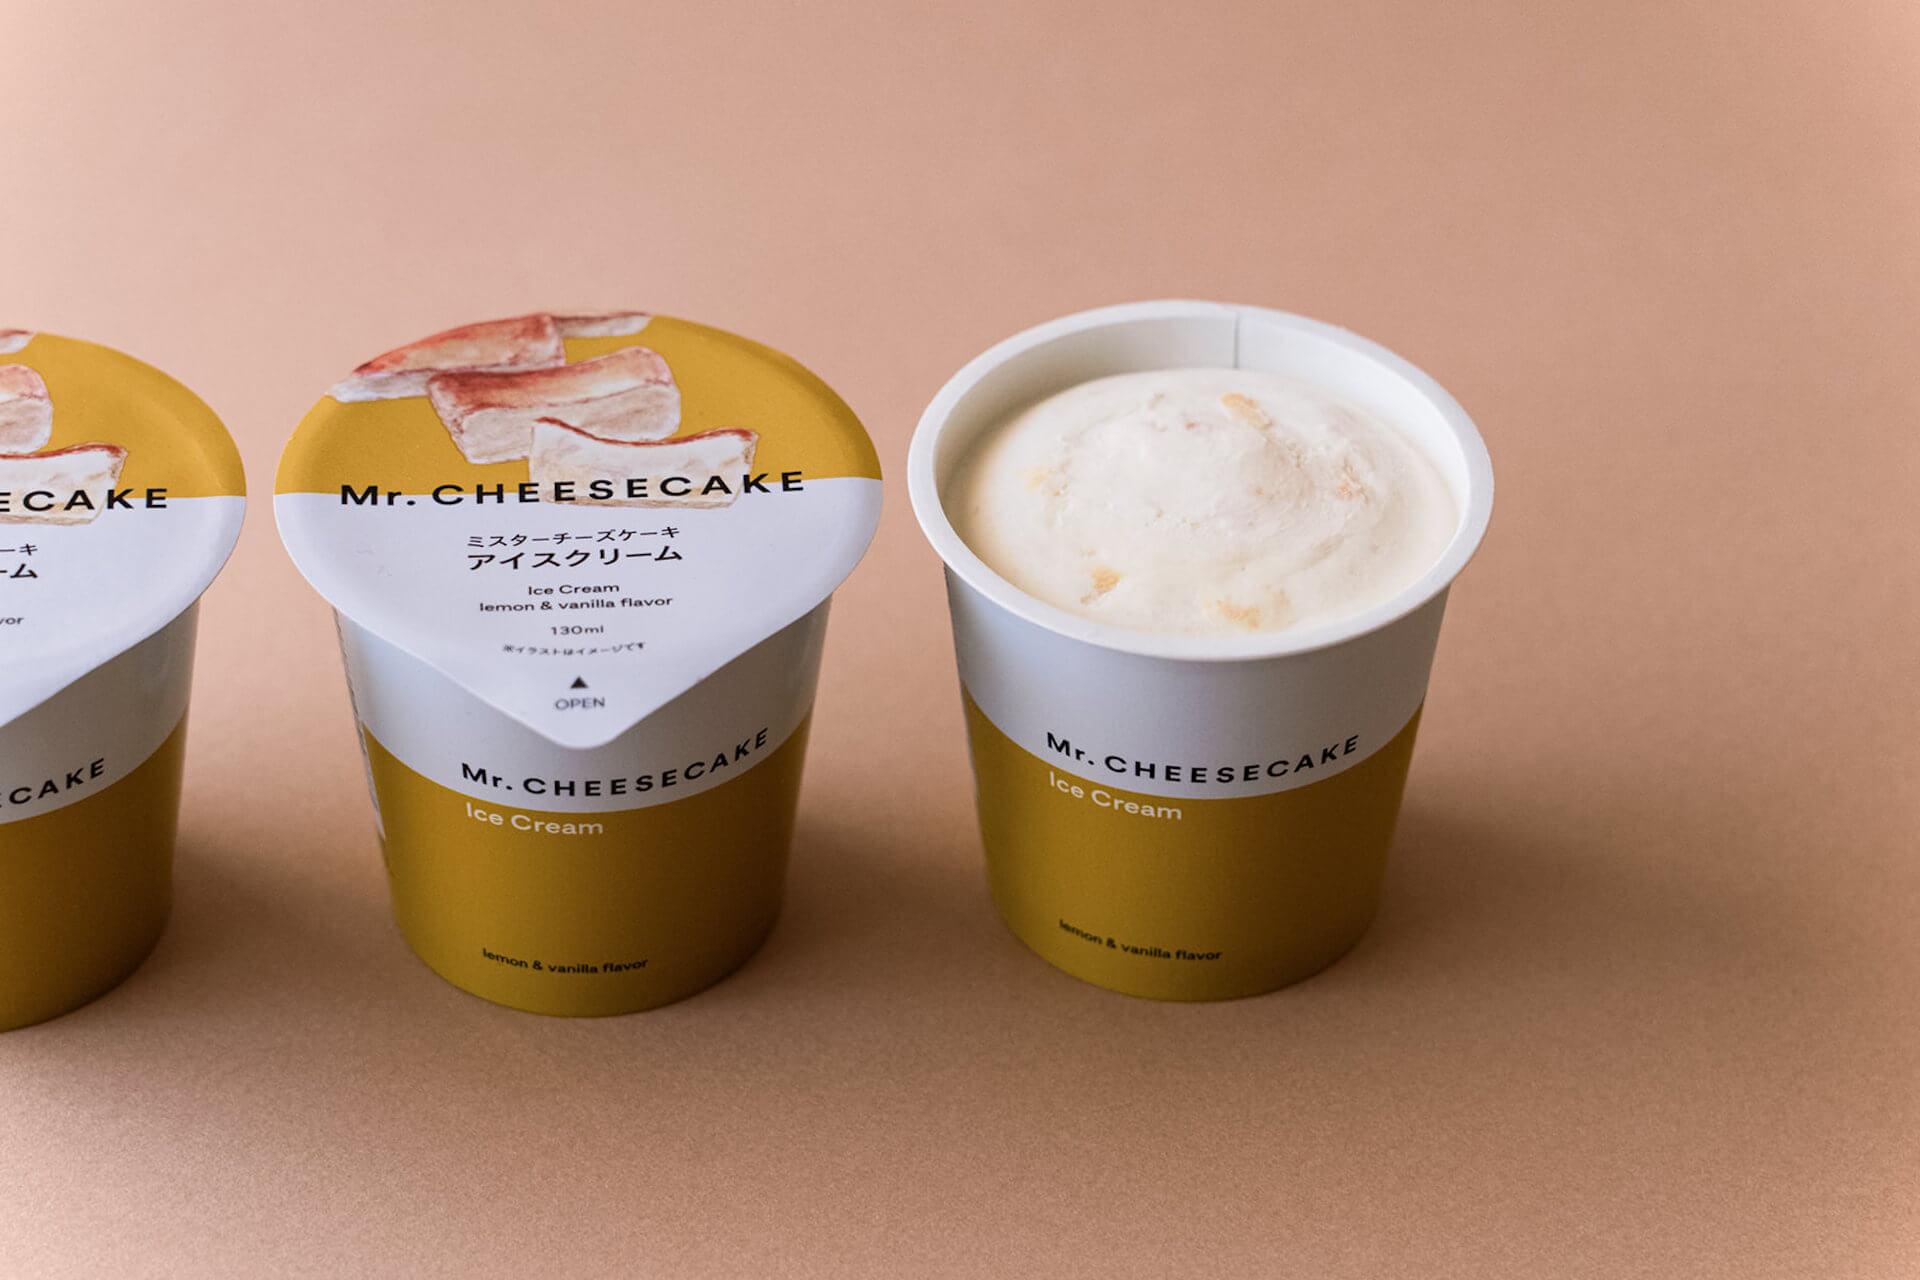 超濃厚チーズケーキでおなじみのMr. CHEESECAKEとセブン-イレブンのコラボが実現!「ミスターチーズケーキ アイスクリーム」など2種類登場 gourmet201214_mrcheesecake_711_3